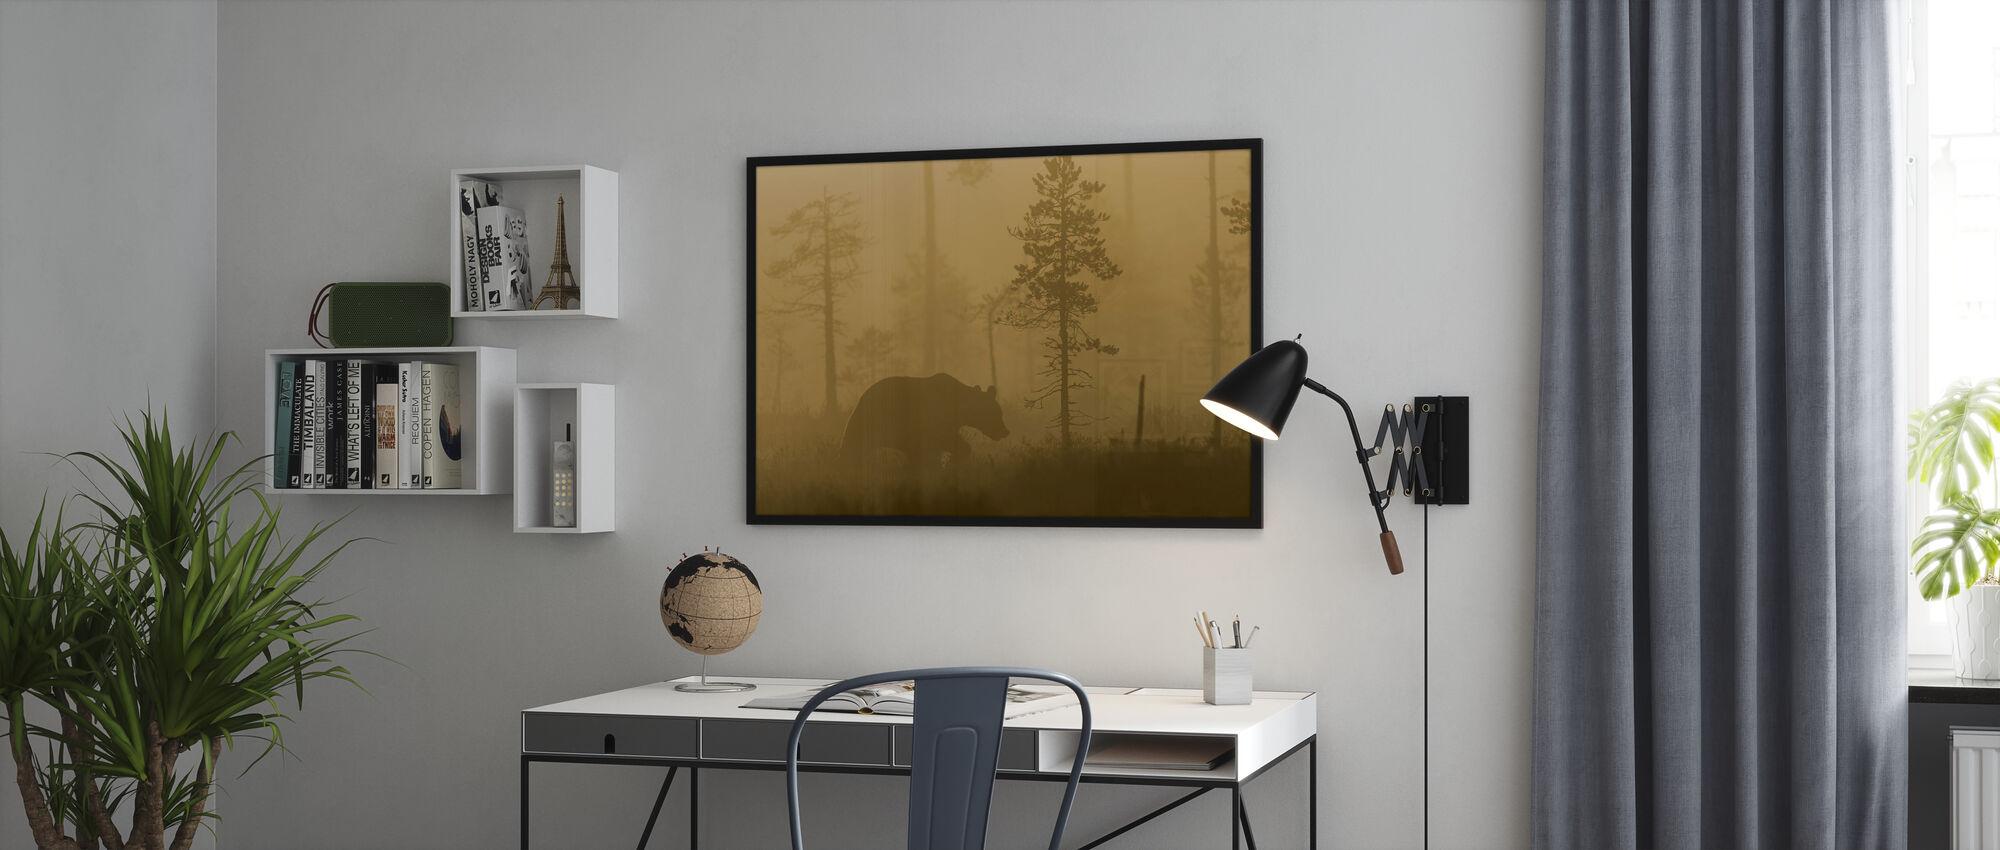 Bear in Morning Fog - Poster - Office